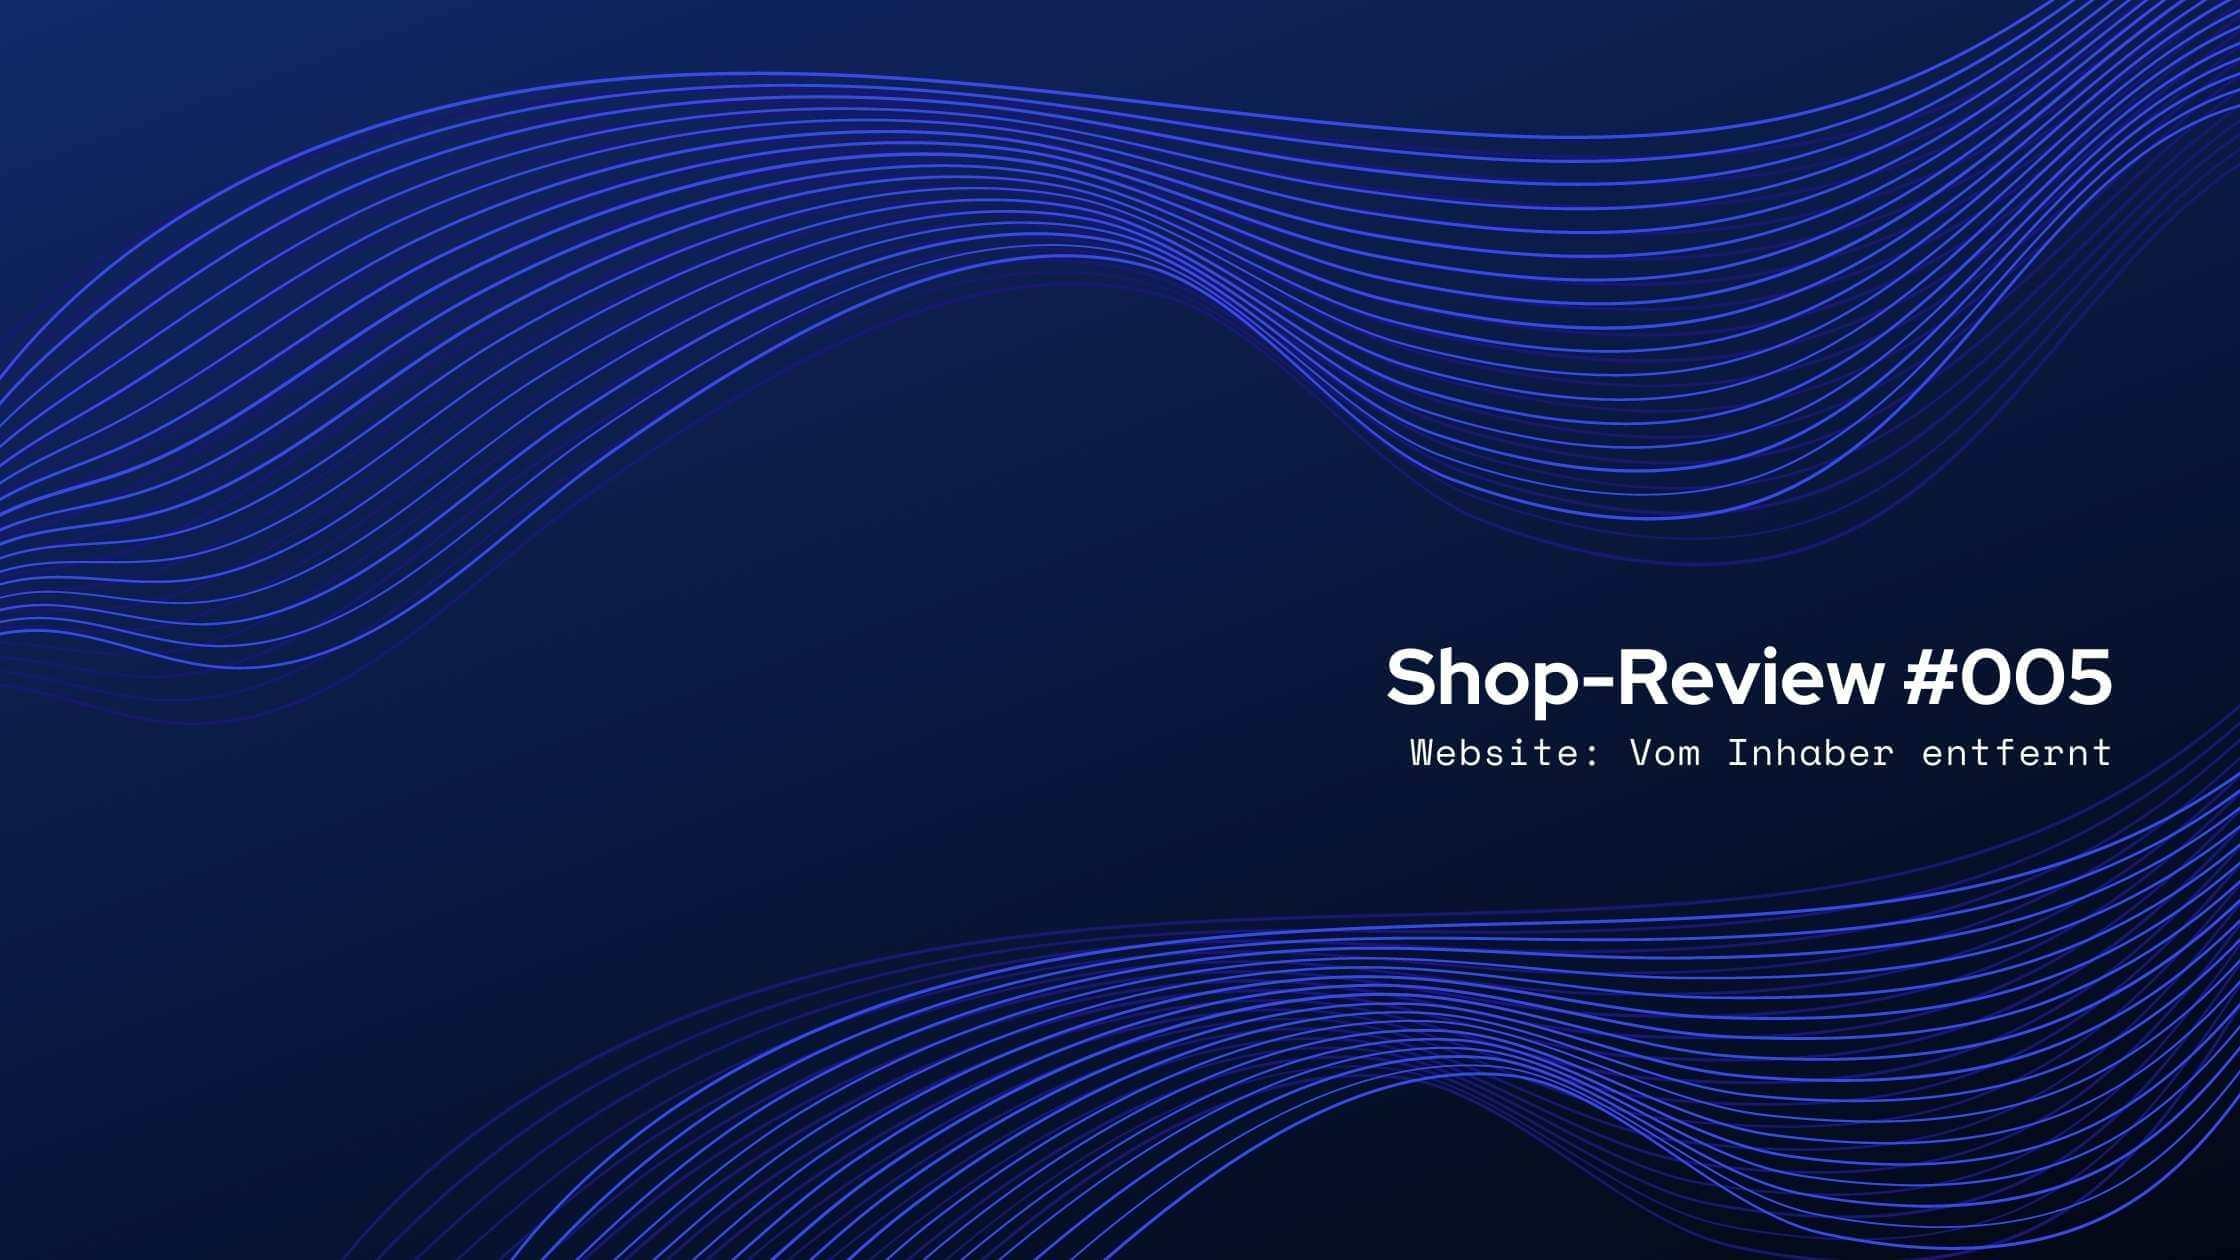 Shop-Review: Shop nicht mehr verfügbar